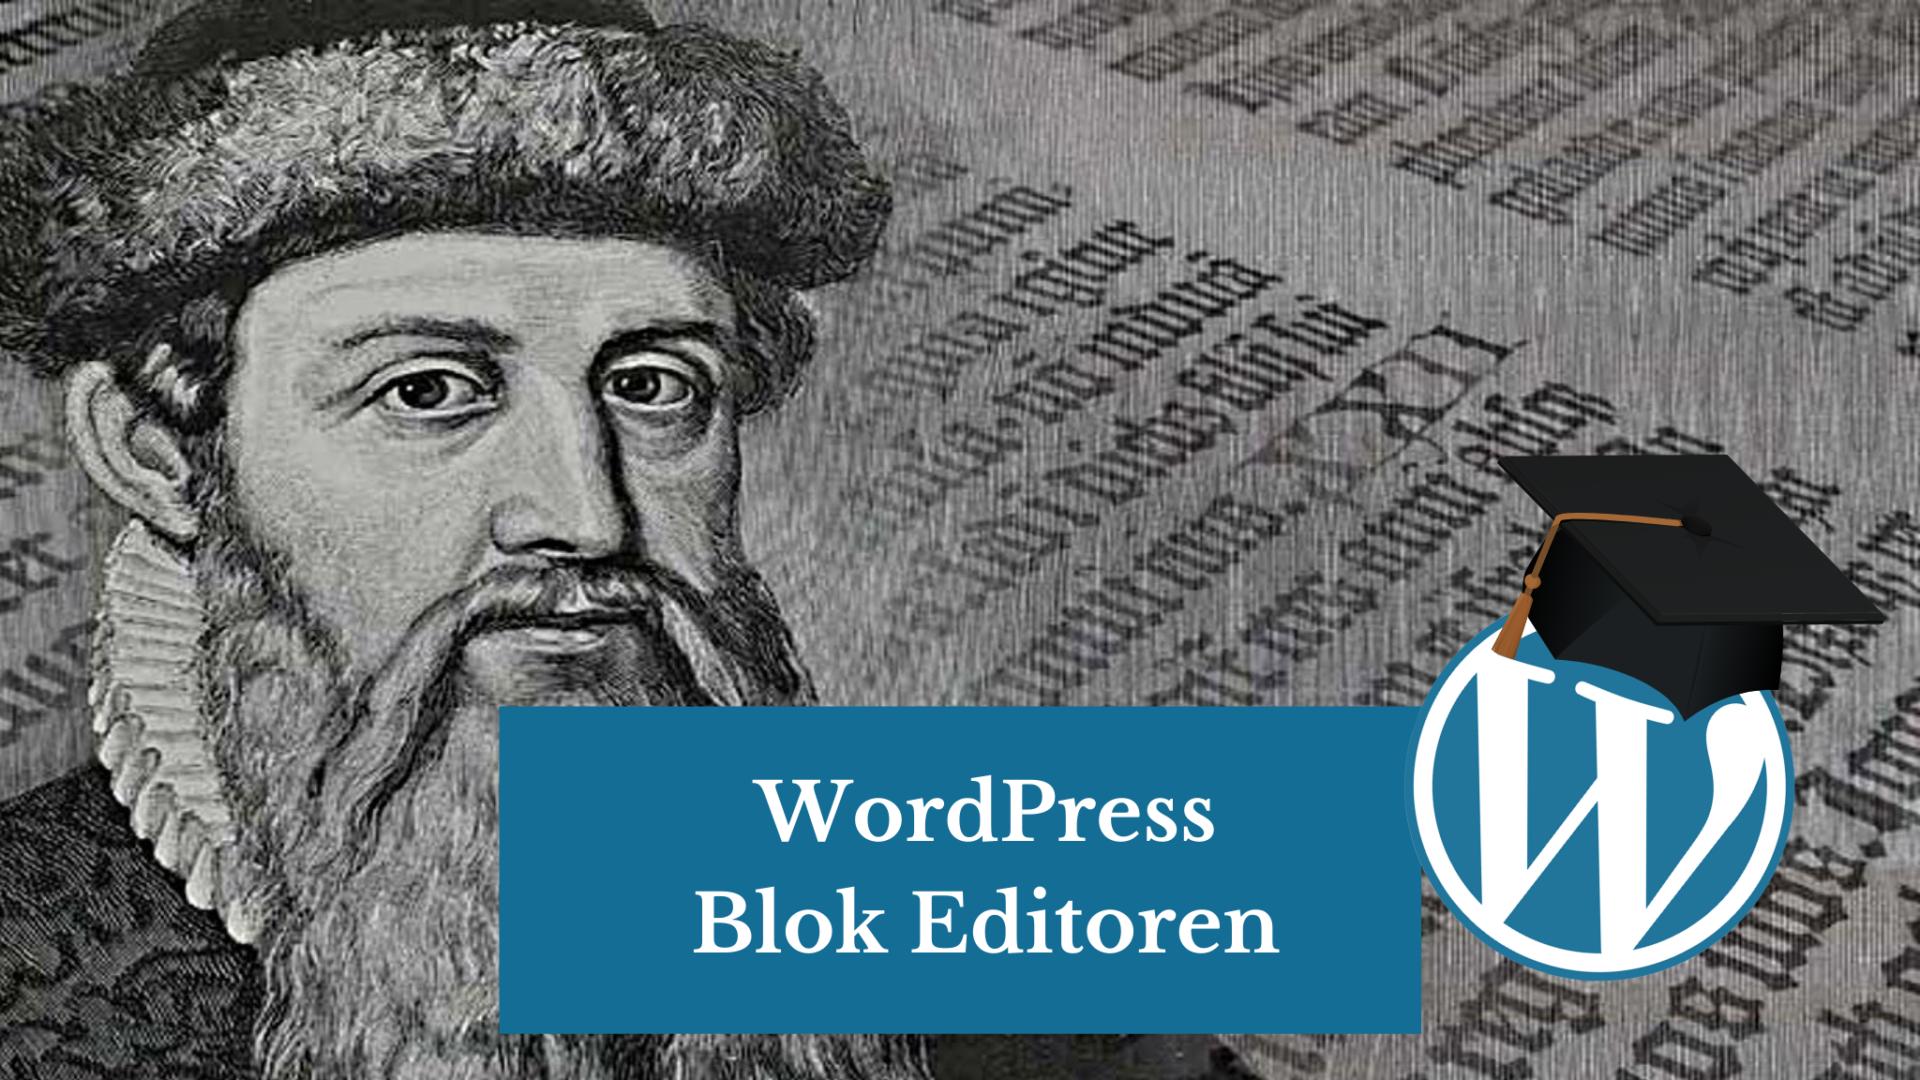 WordPress Blok Editoren